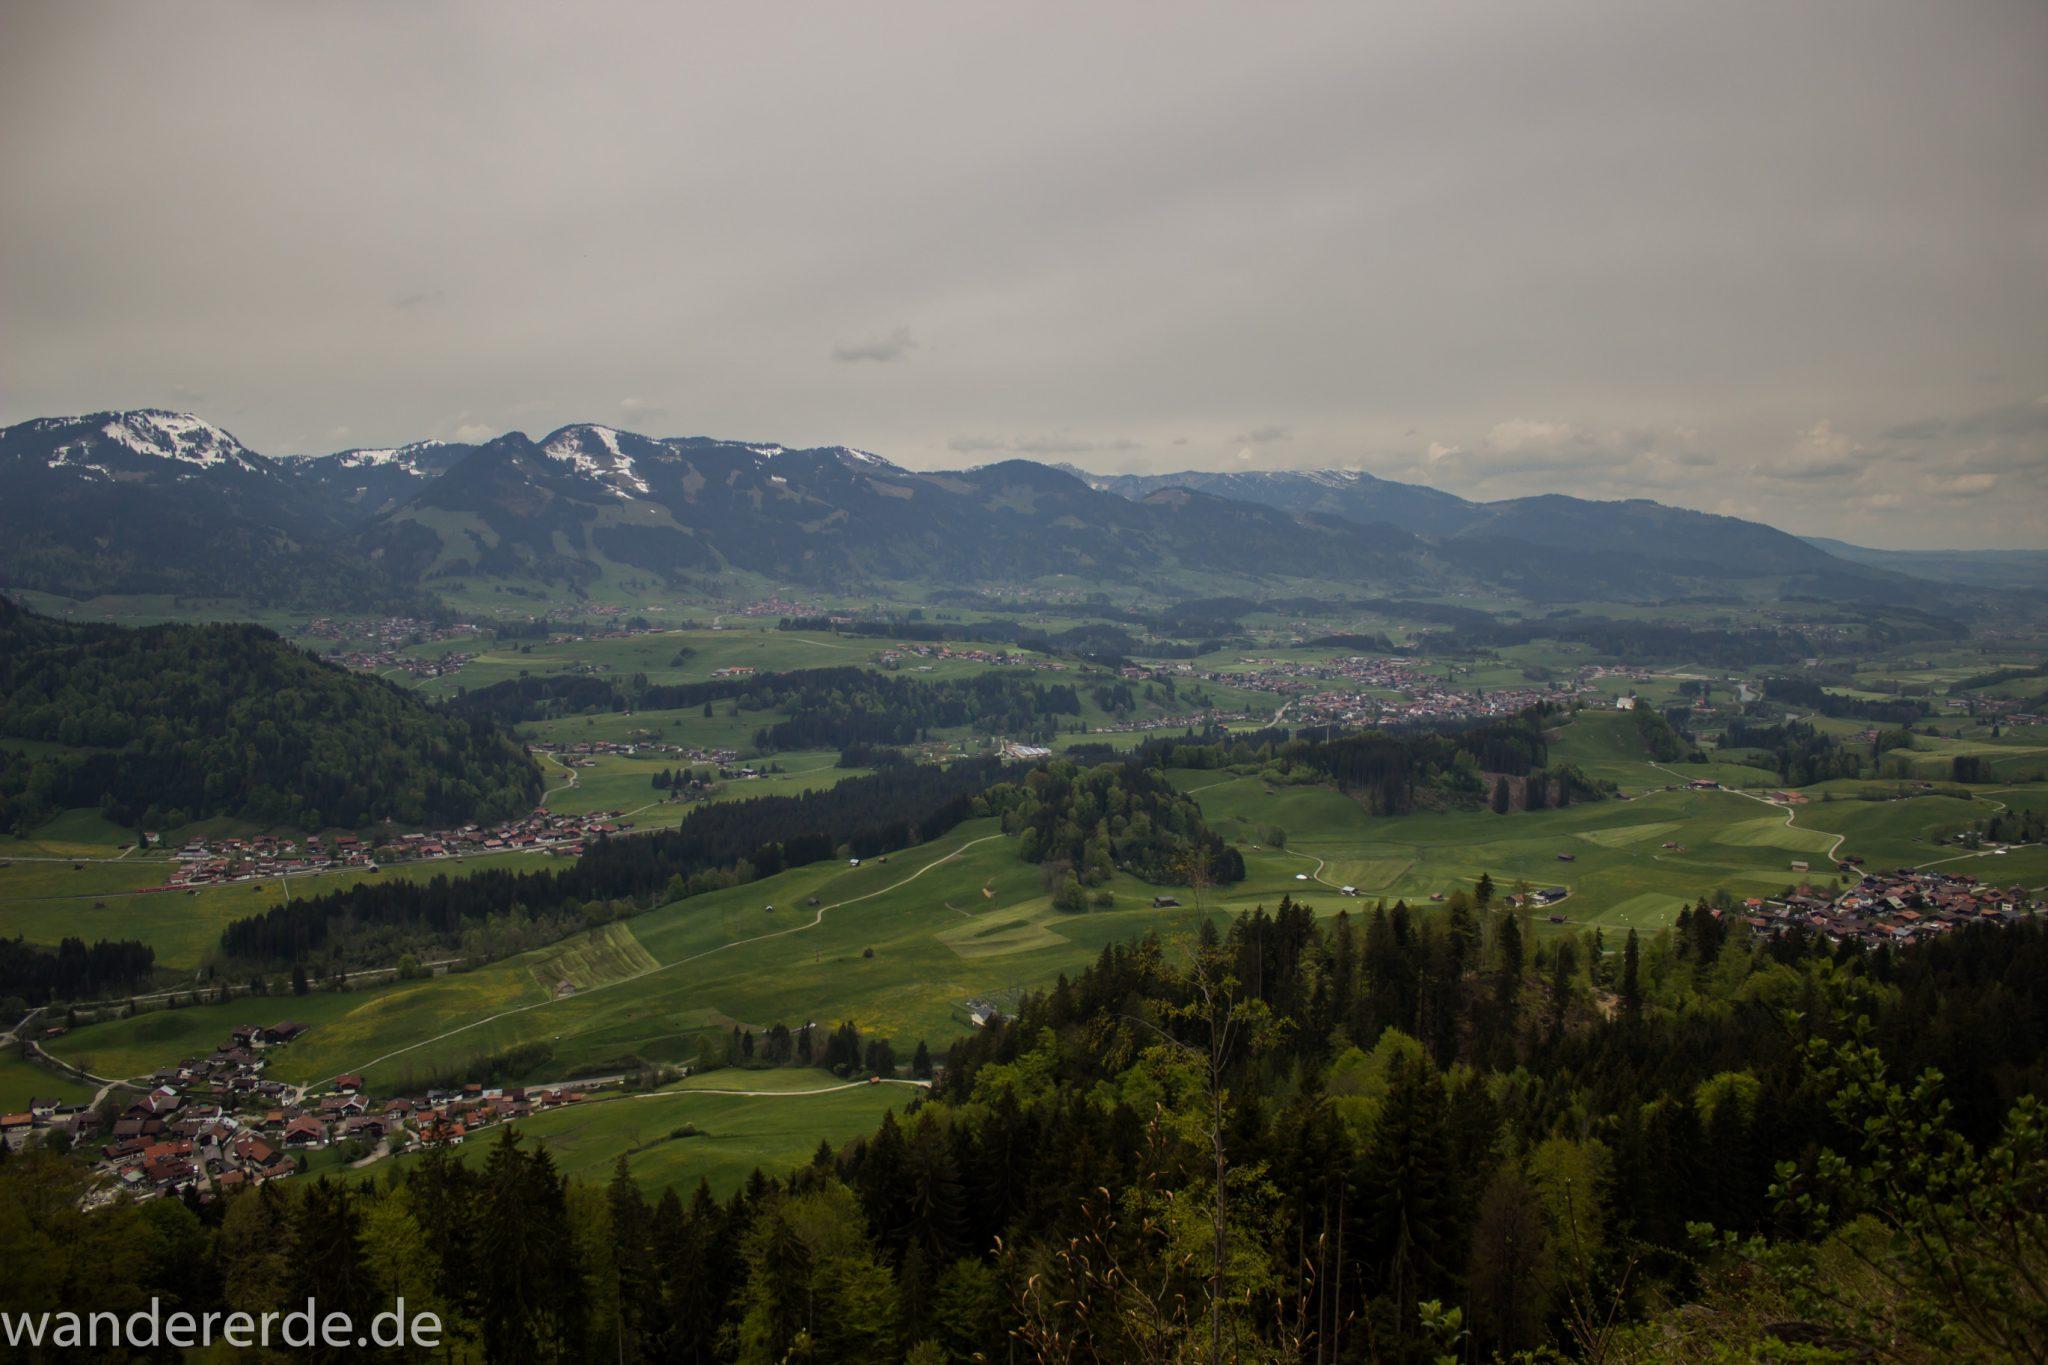 Wanderung Unterer Gaisalpsee, Wanderweg von Oberstdorf im Allgäu, schmalerer Kiespfad wird zunehmend steil und felsig, umgeben von schönem dichtem Mischwald, Blick auf Allgäuer Berge und auf Ort Oberstdorf